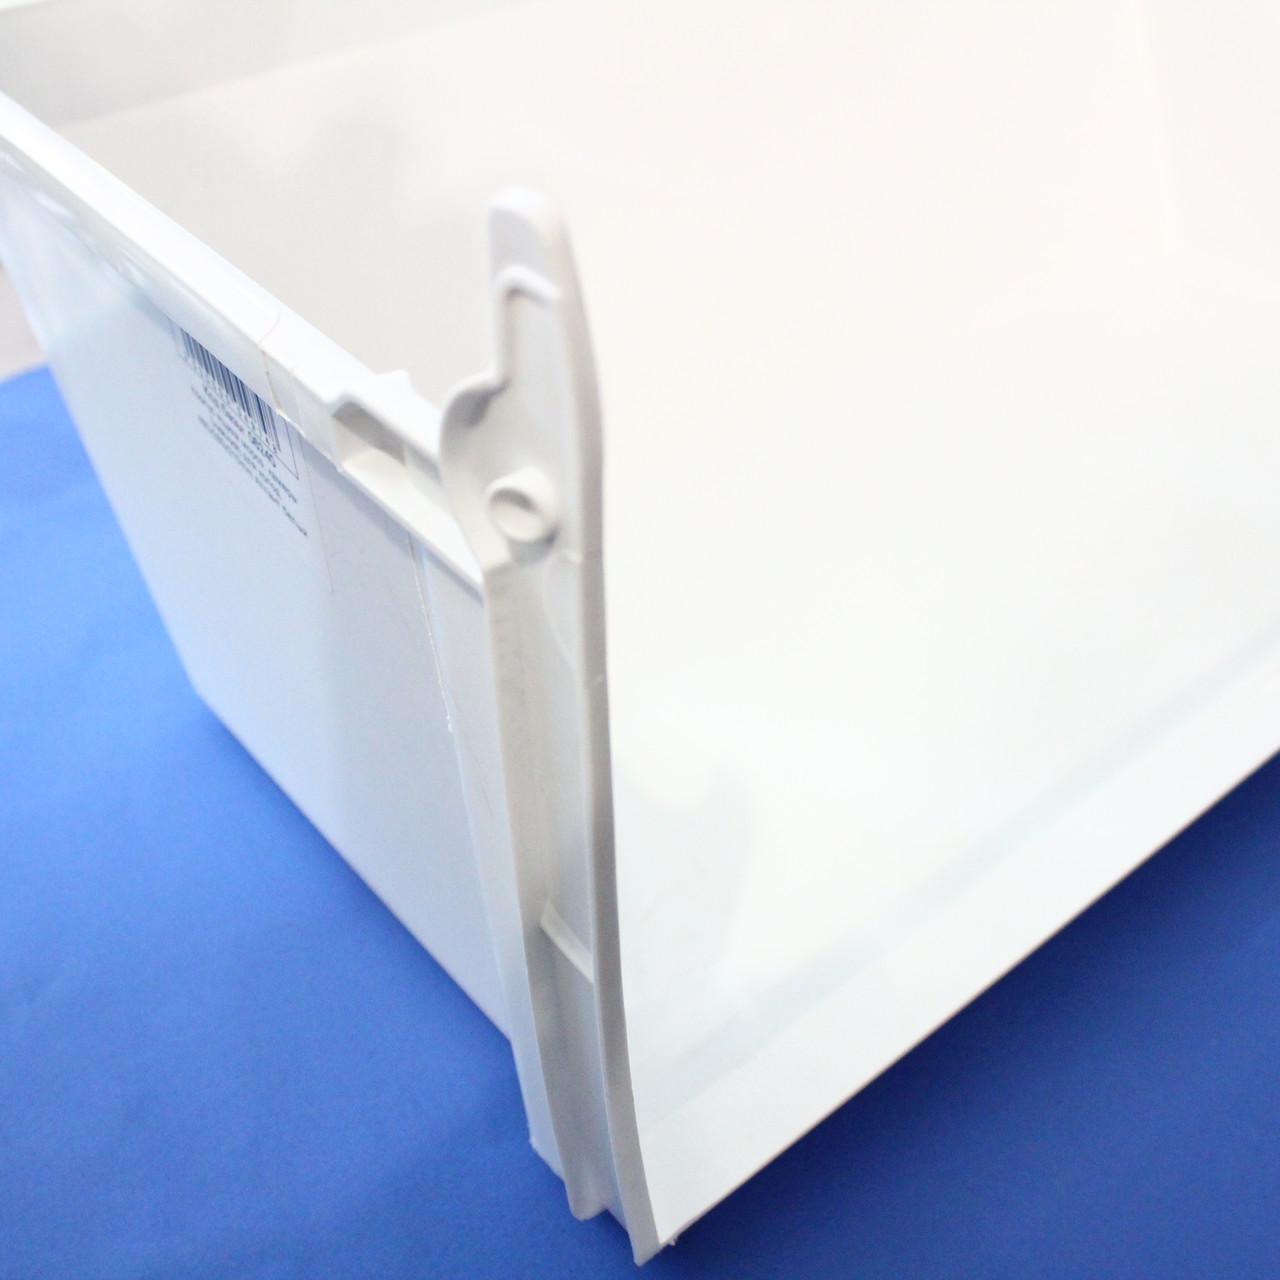 Корпус ящика (нижний) морозильной камеры для холодильника Атлант 769748401900